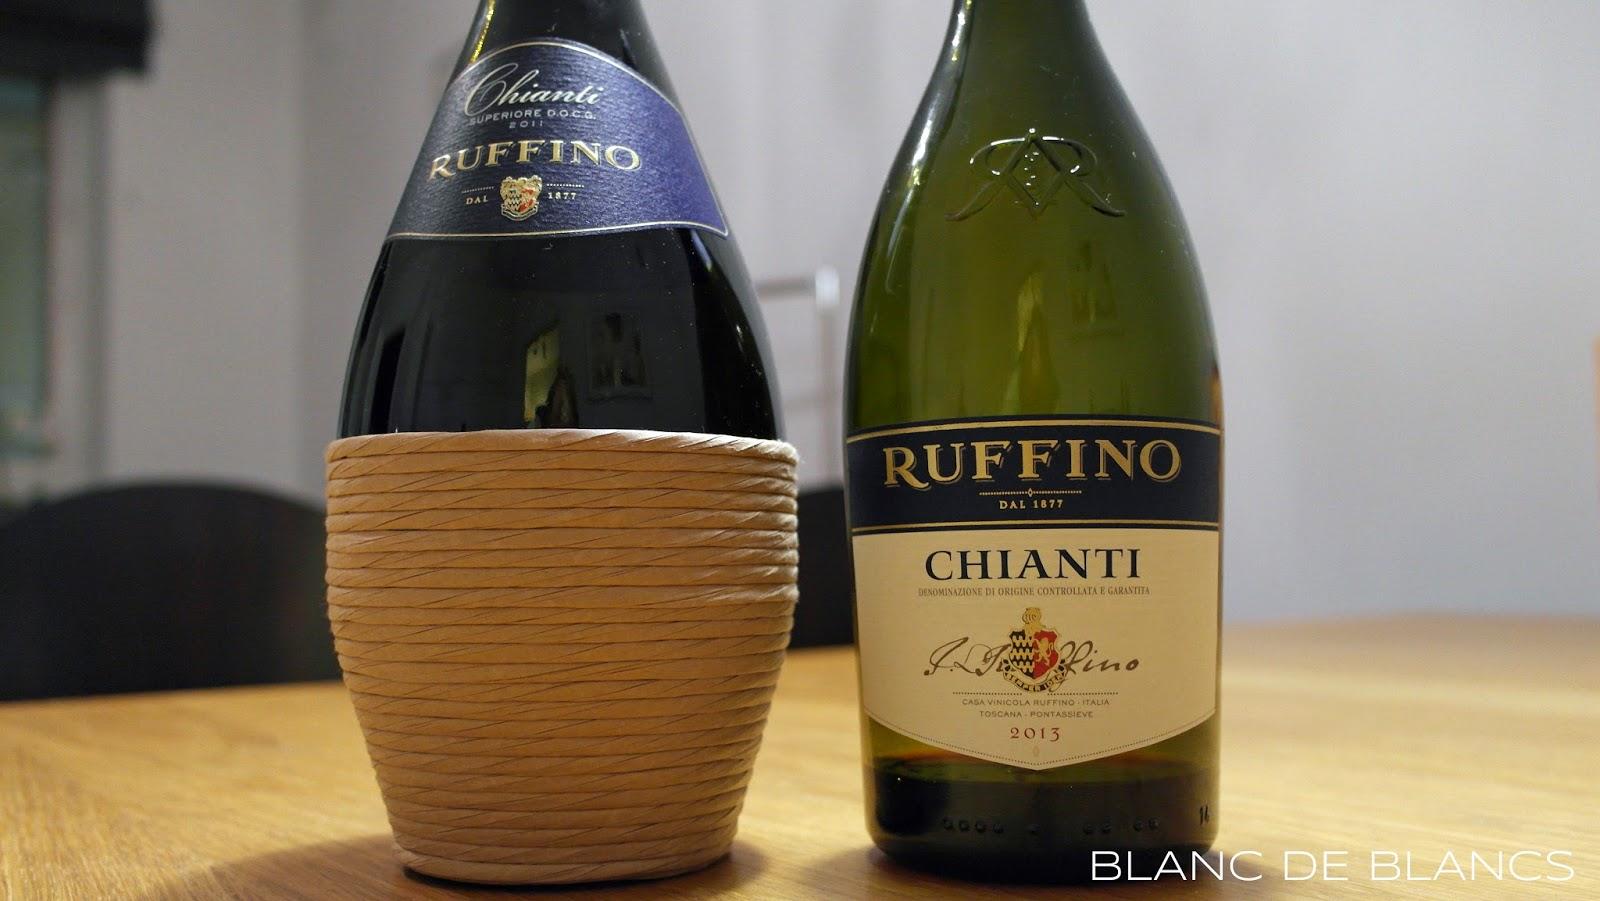 Ruffino Chianti 2013 ja Ruffino Chianti Superiore 2011 - www.blancdeblancs.fi